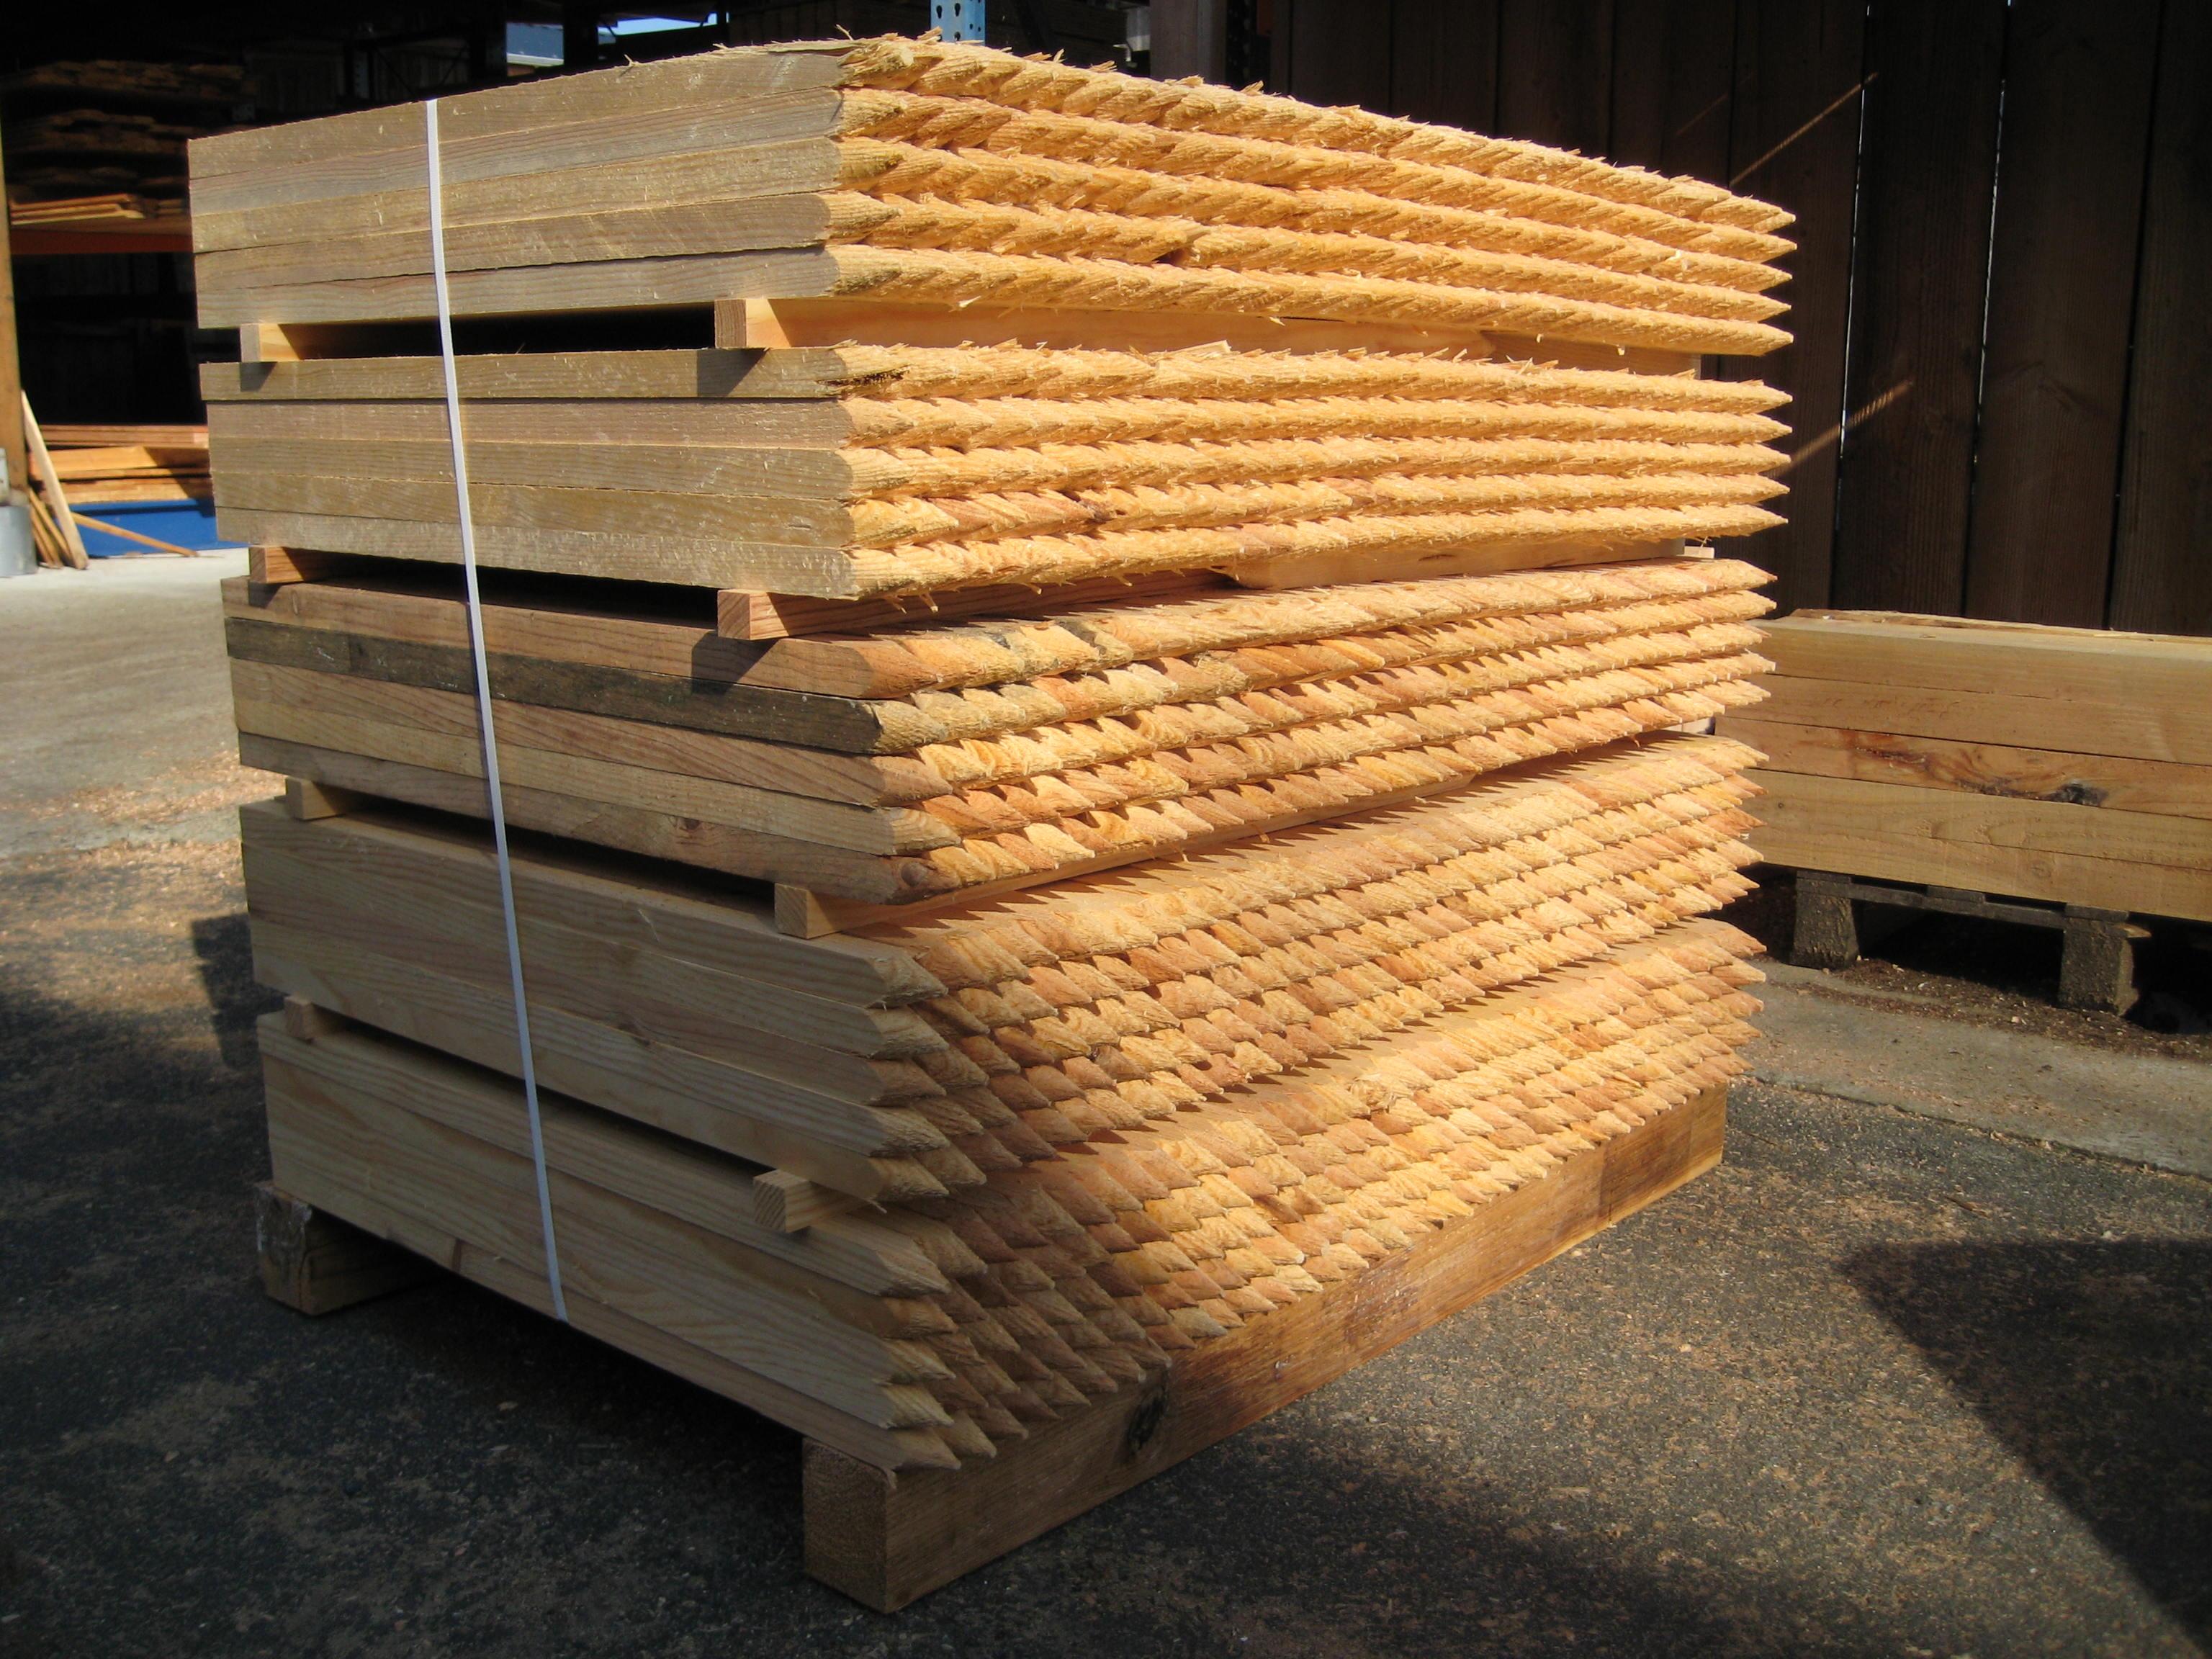 Piquets de chantier bois